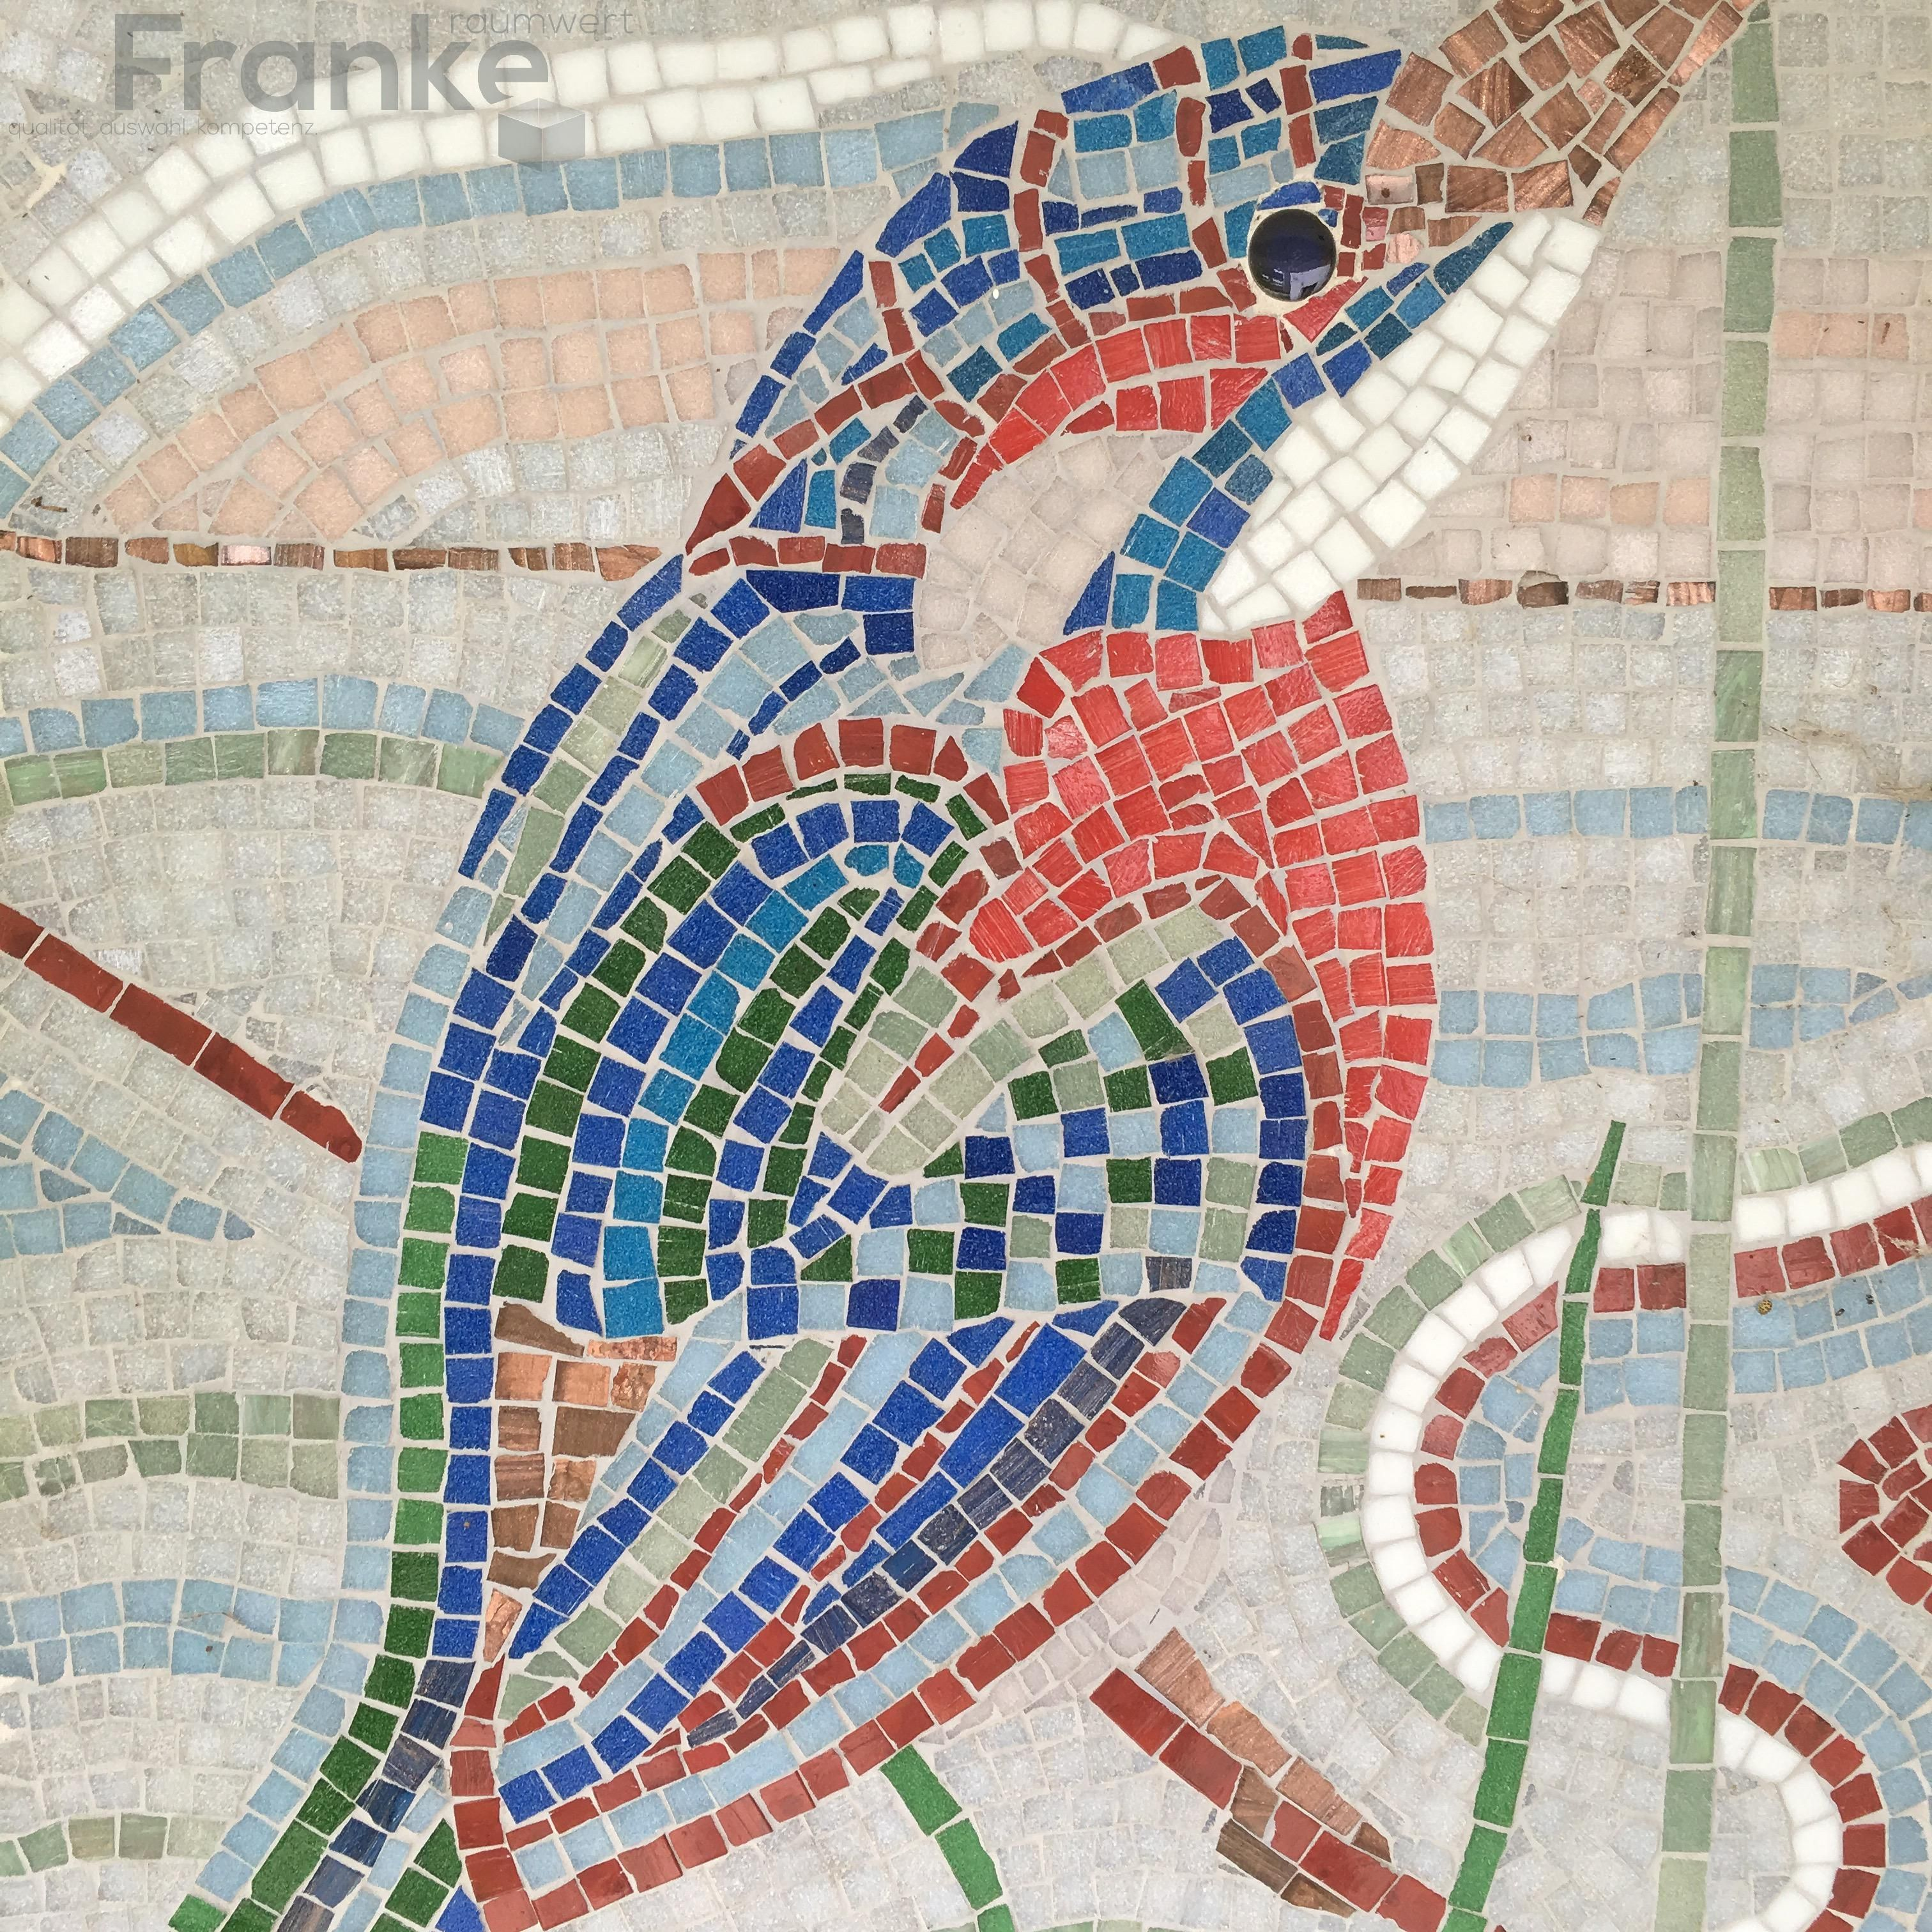 Bild mit kleinsten Mosaiksteinen Mosaik basteln Handwerk Kunst